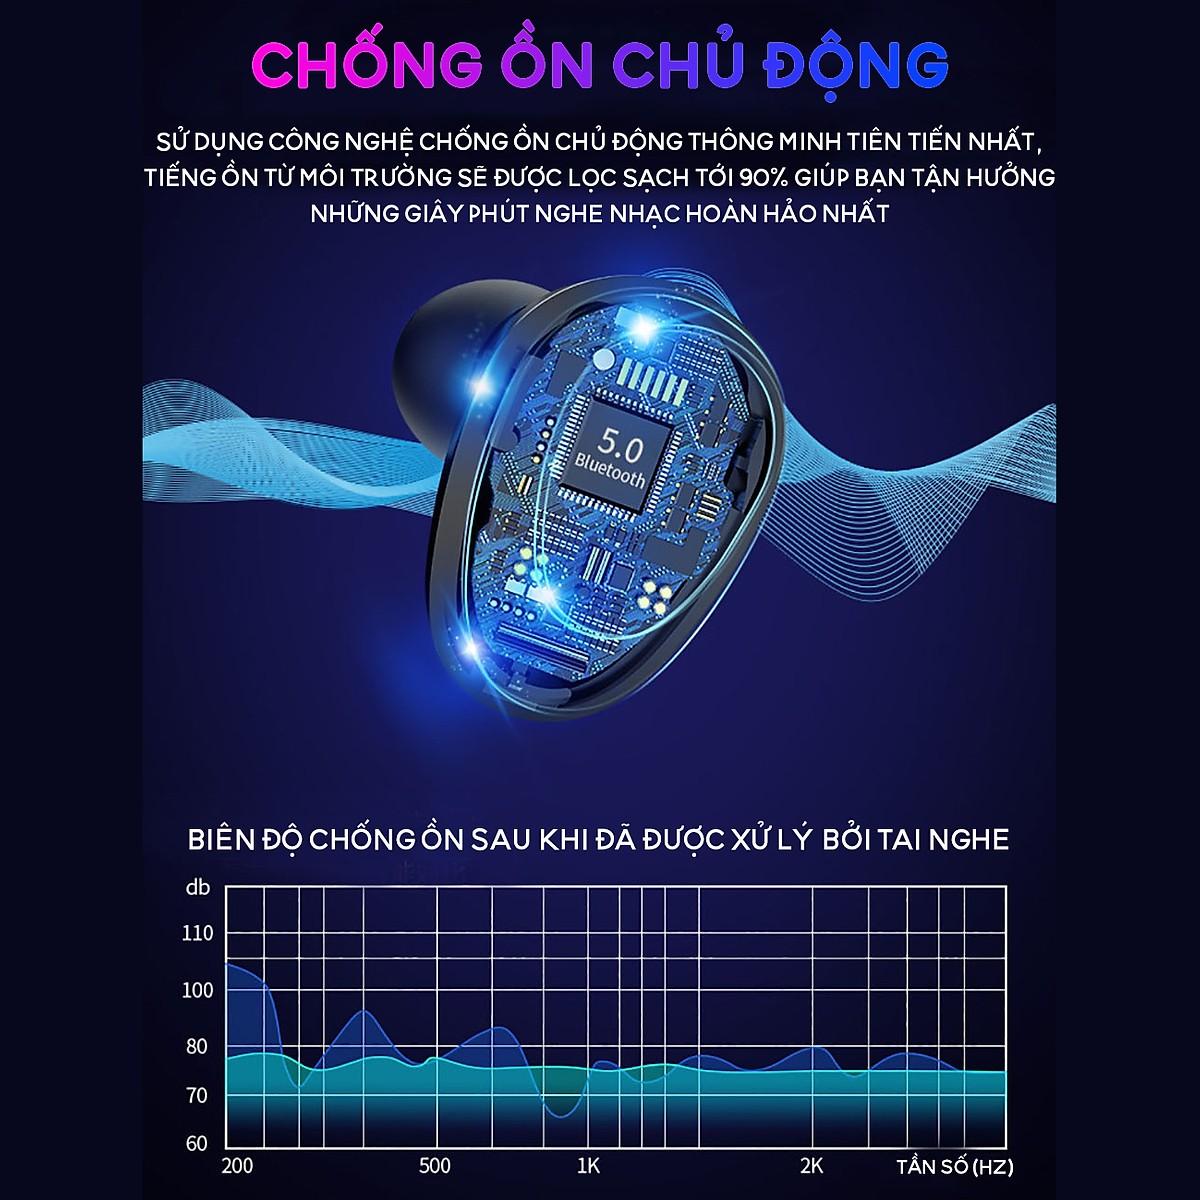 Tai Nghe Bluetooth Cảm Ứng TOUCH TWINS Chất Lượng Cao - Chống Nước IPX7 - Nghe 90h - Tích Hợp Micro - Tự Động Kết Nối - Tương Thích Cao Cho Tất Cả Điện Thoại - Hàng Chính Hãng